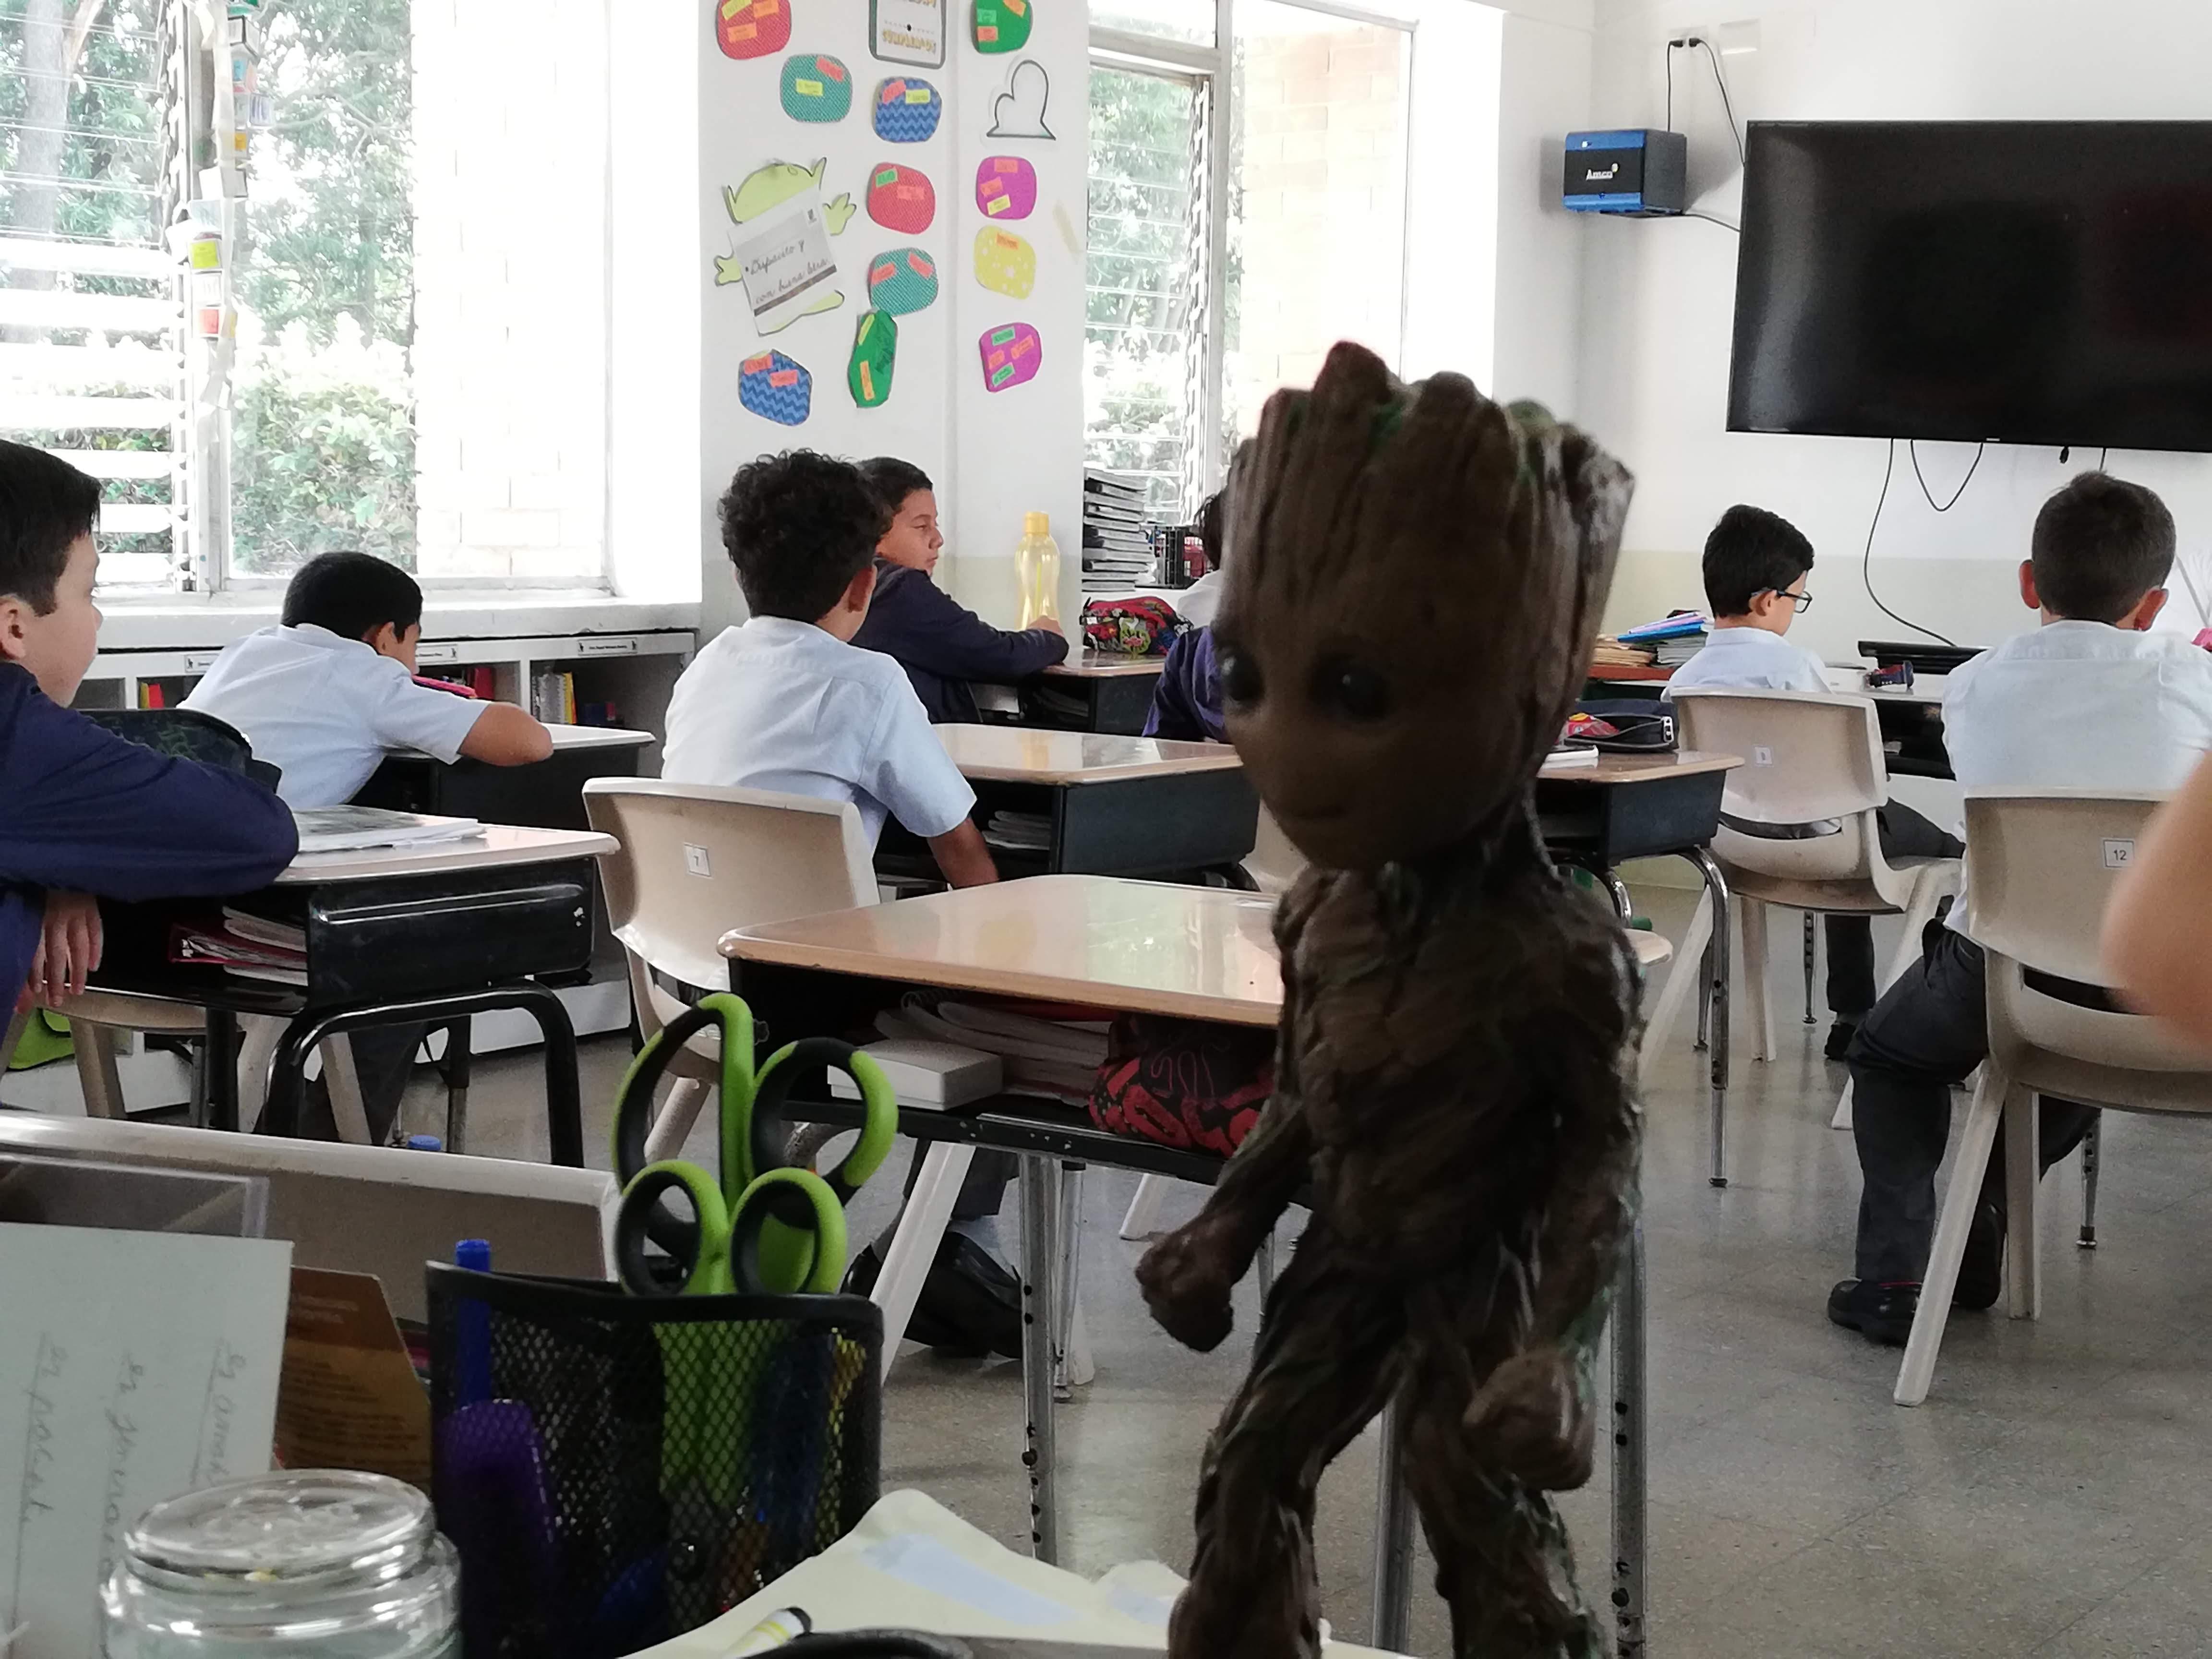 Mi hijo se peleó en clase ¿Qué puedo hacer?